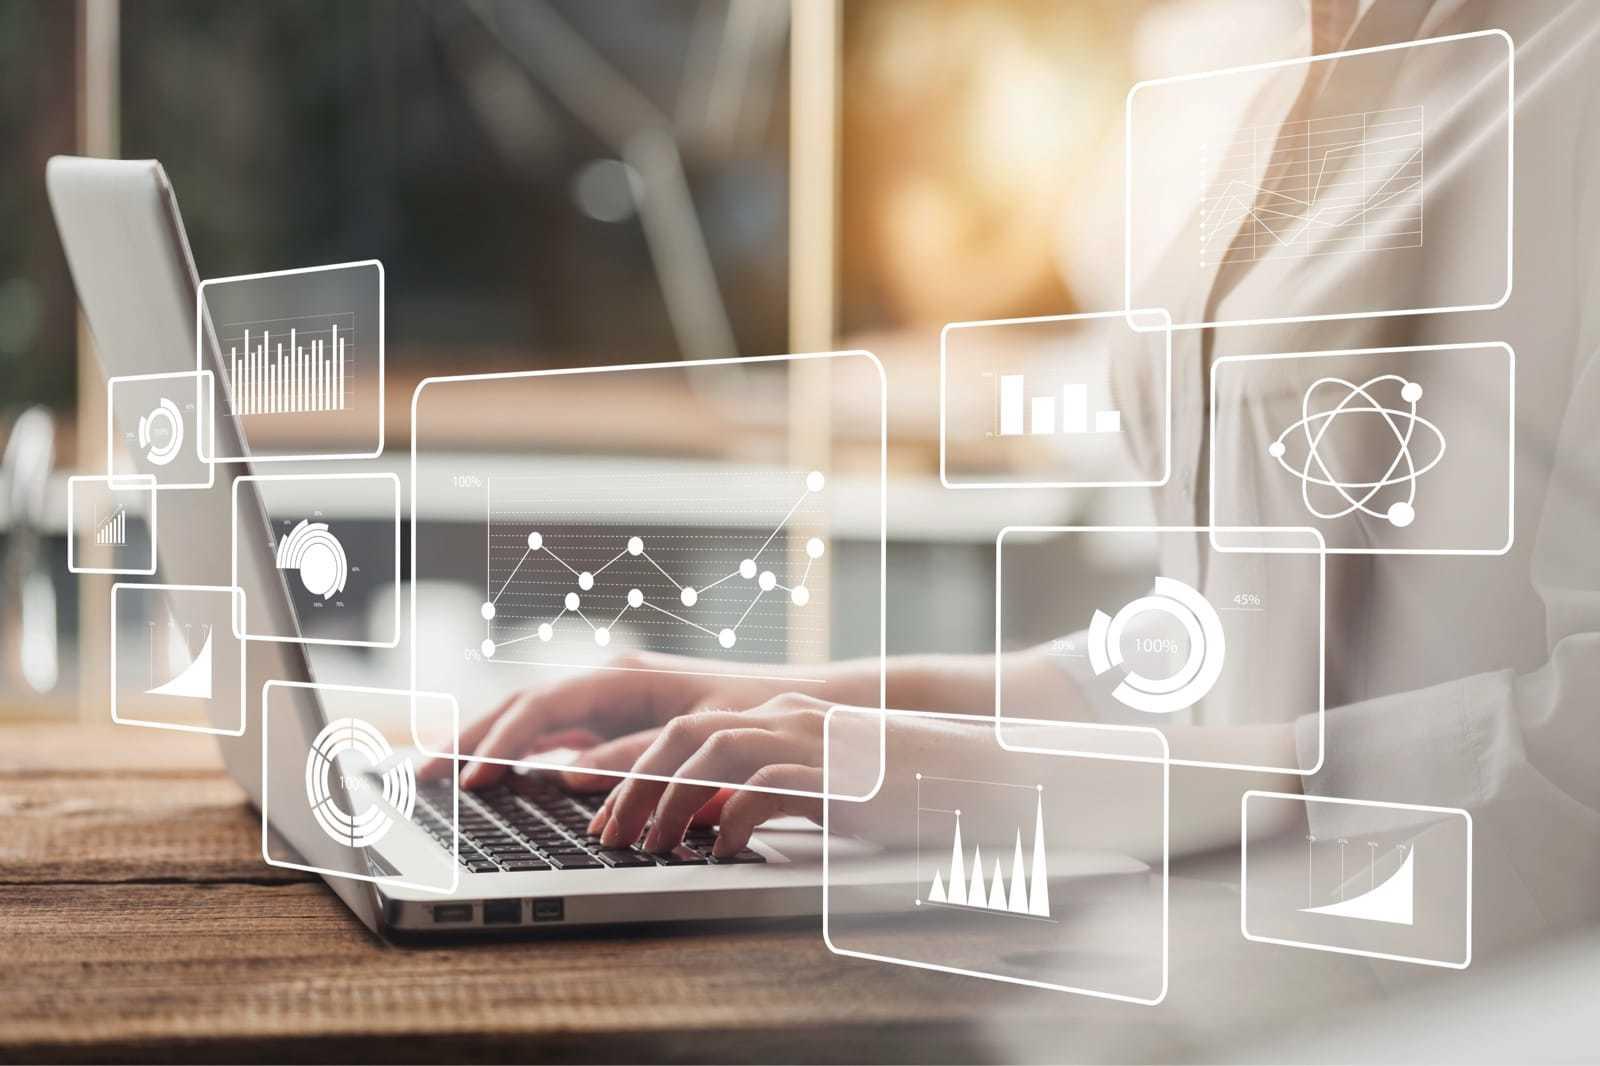 ノートパソコンで仕事をする女性と、その上に浮かび上がるデジタルデータのイメージ